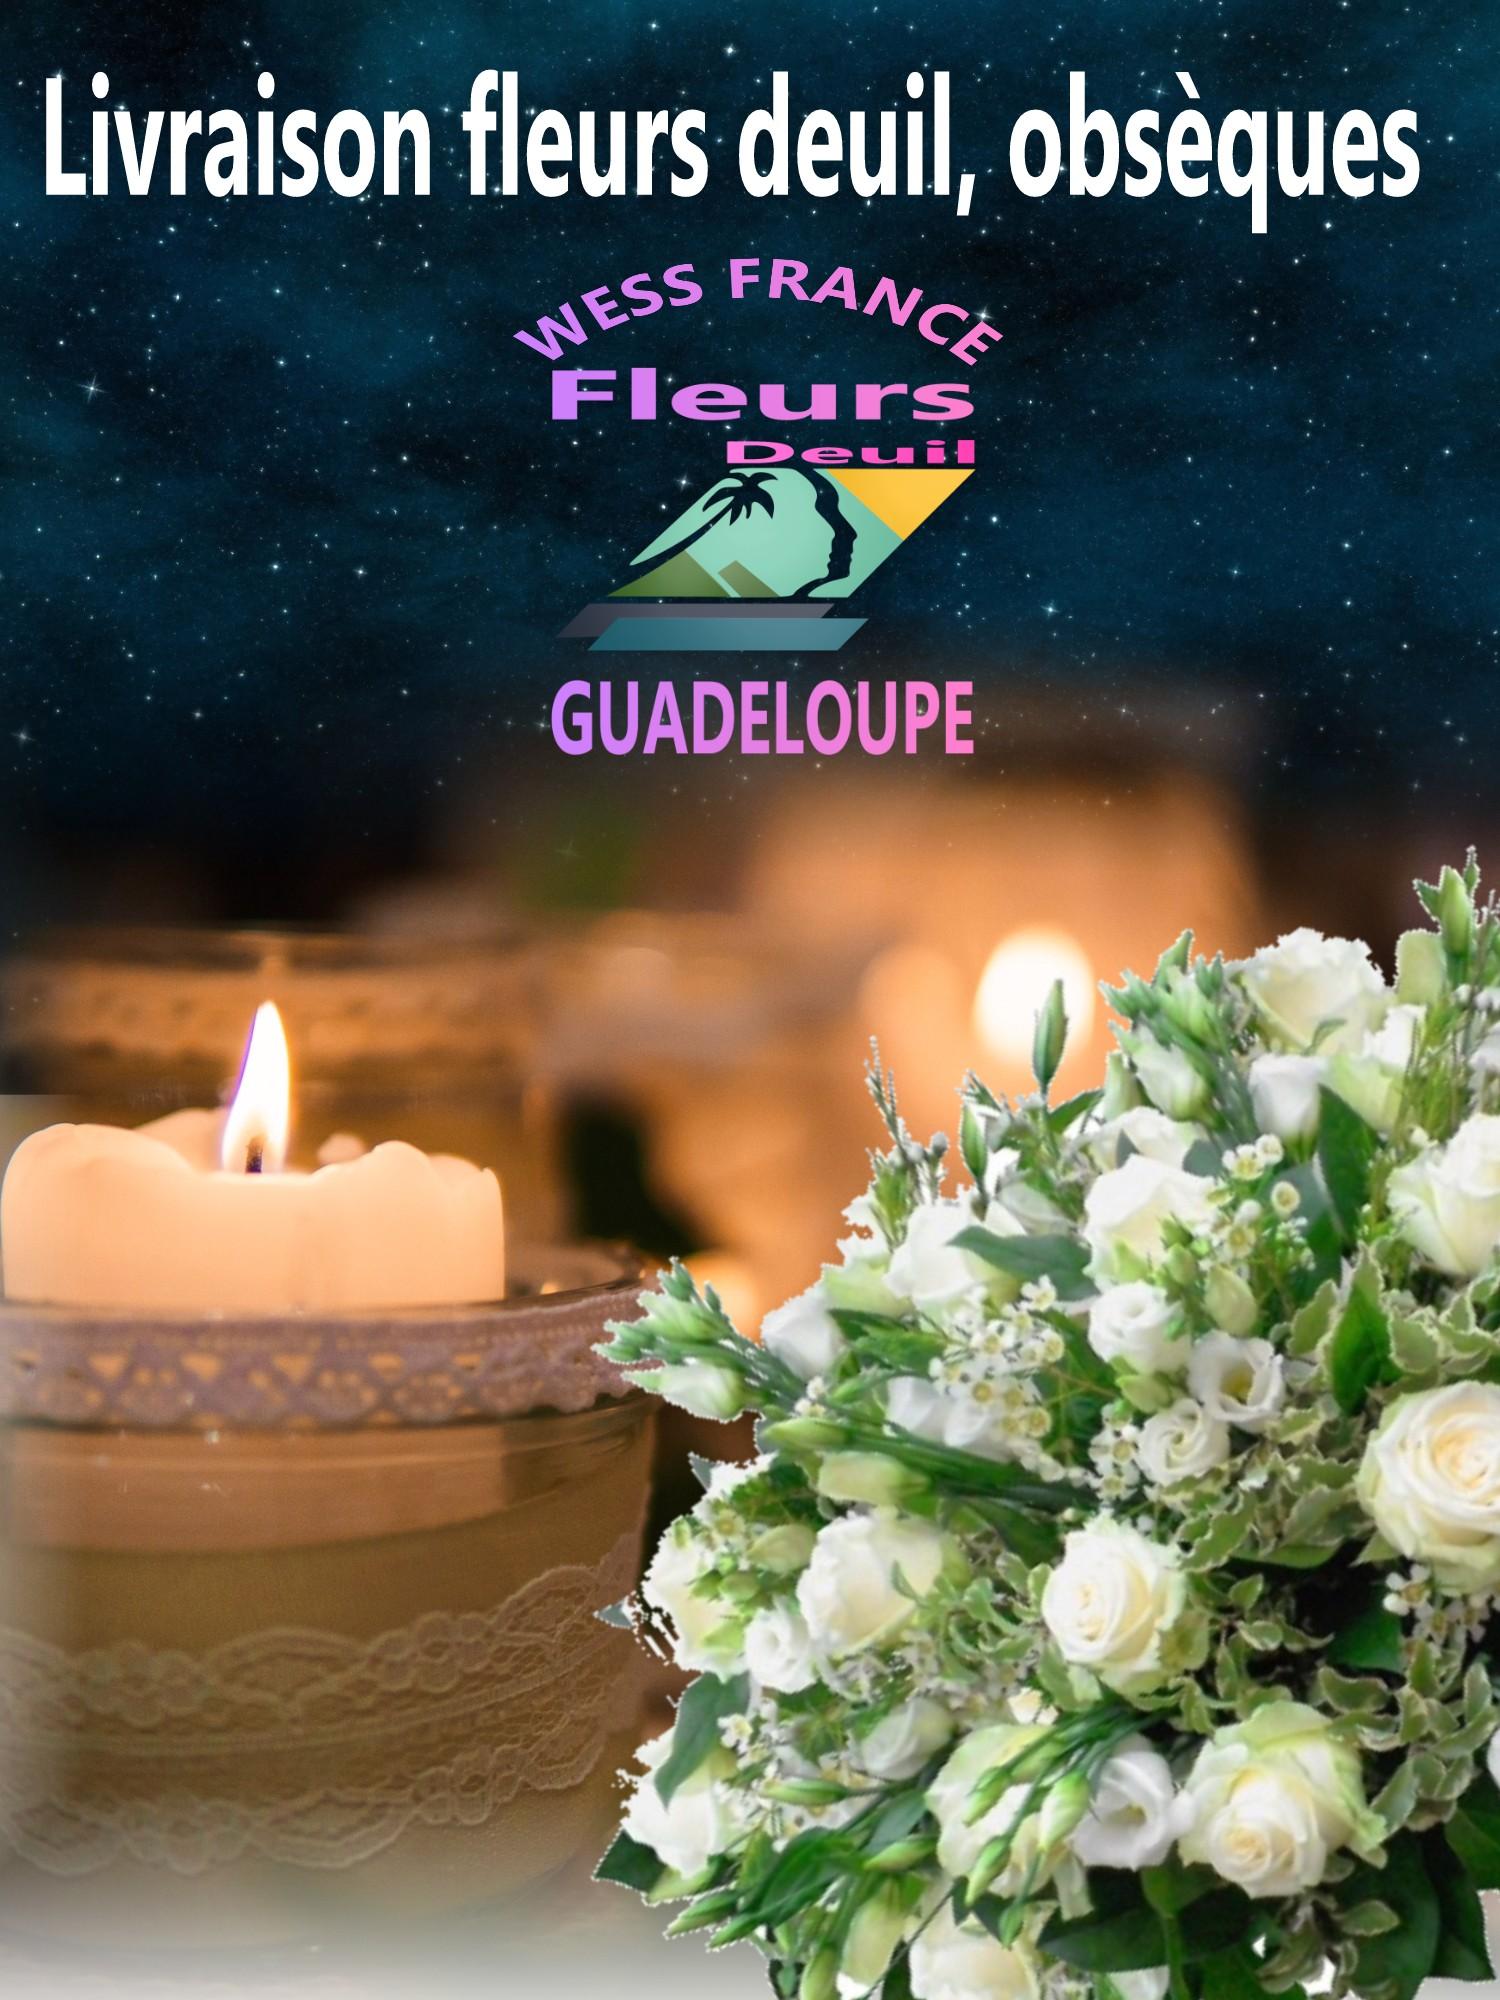 LIVRER UN BOUQUET POUR DES OBSÈQUES A LE MOULE 97160. bouquet deuil LE MOULE 97160. gerbe deuil LE MOULE 97160